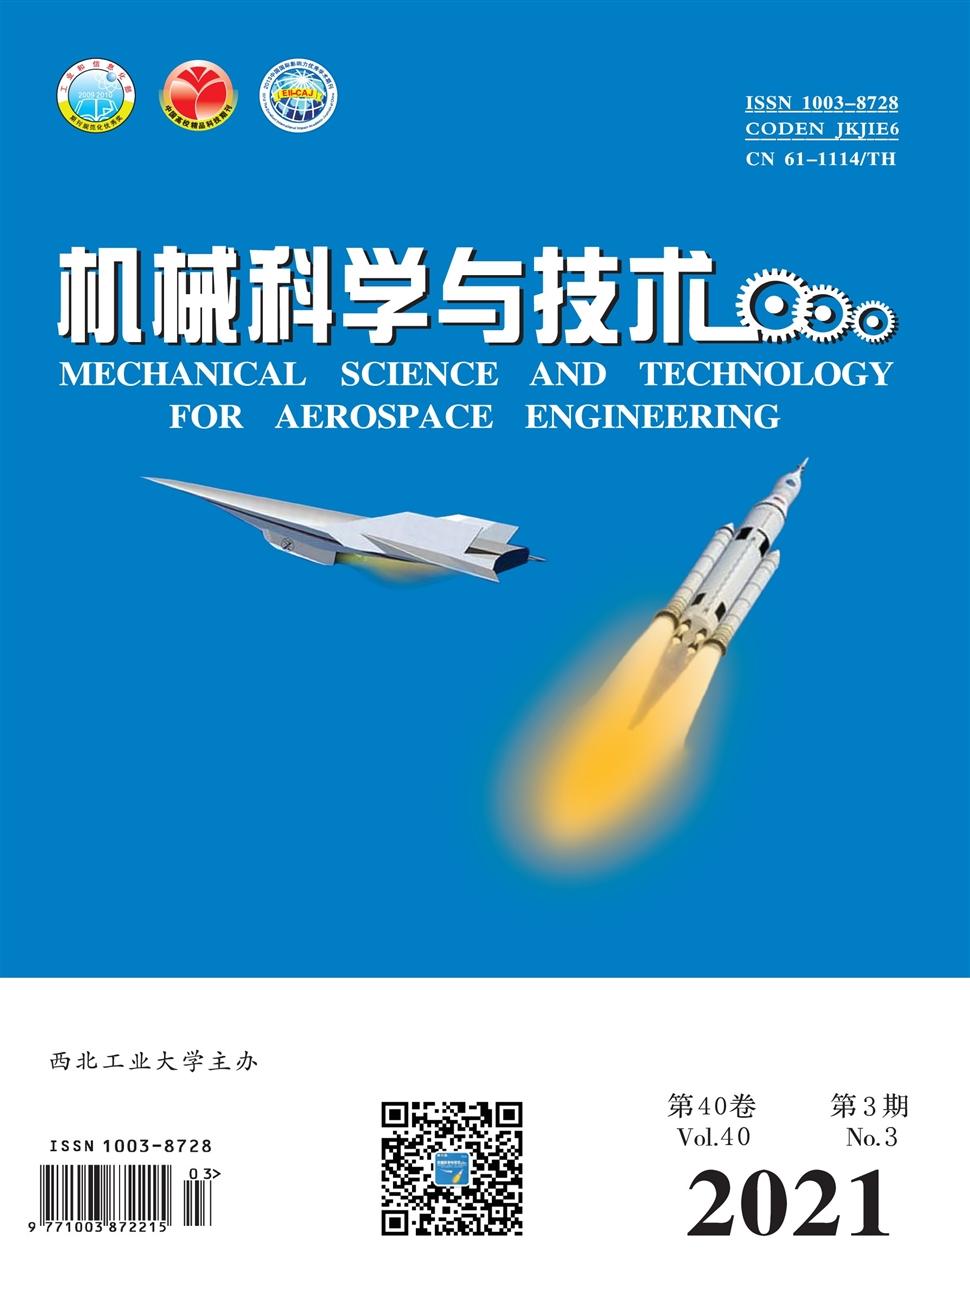 《机械科学与技术》